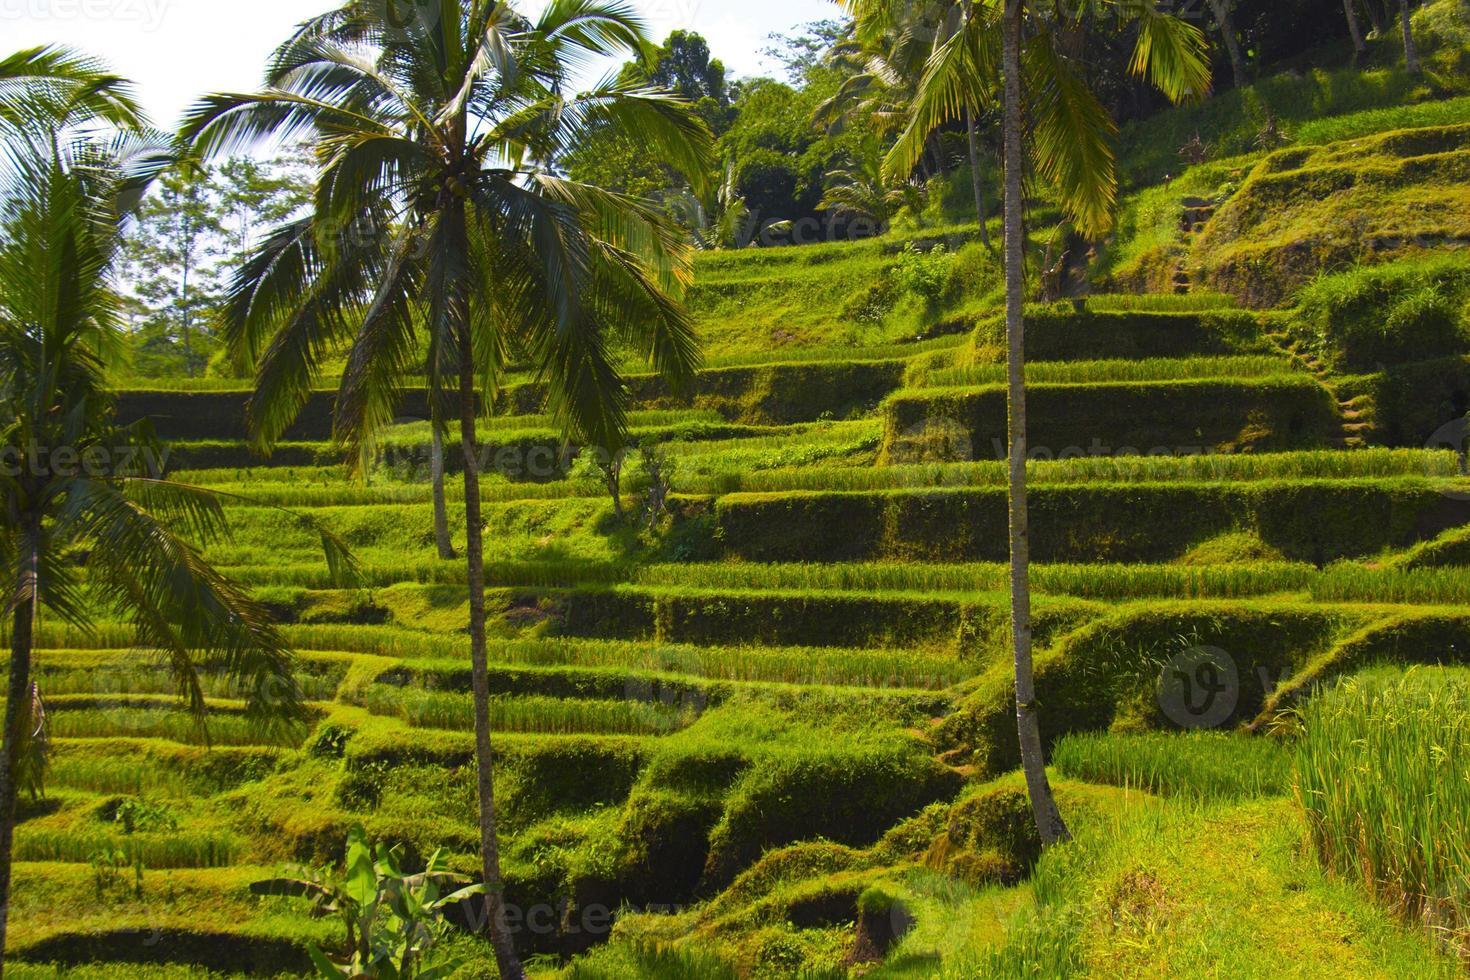 terrasse de riz de tegalalang. bali photo